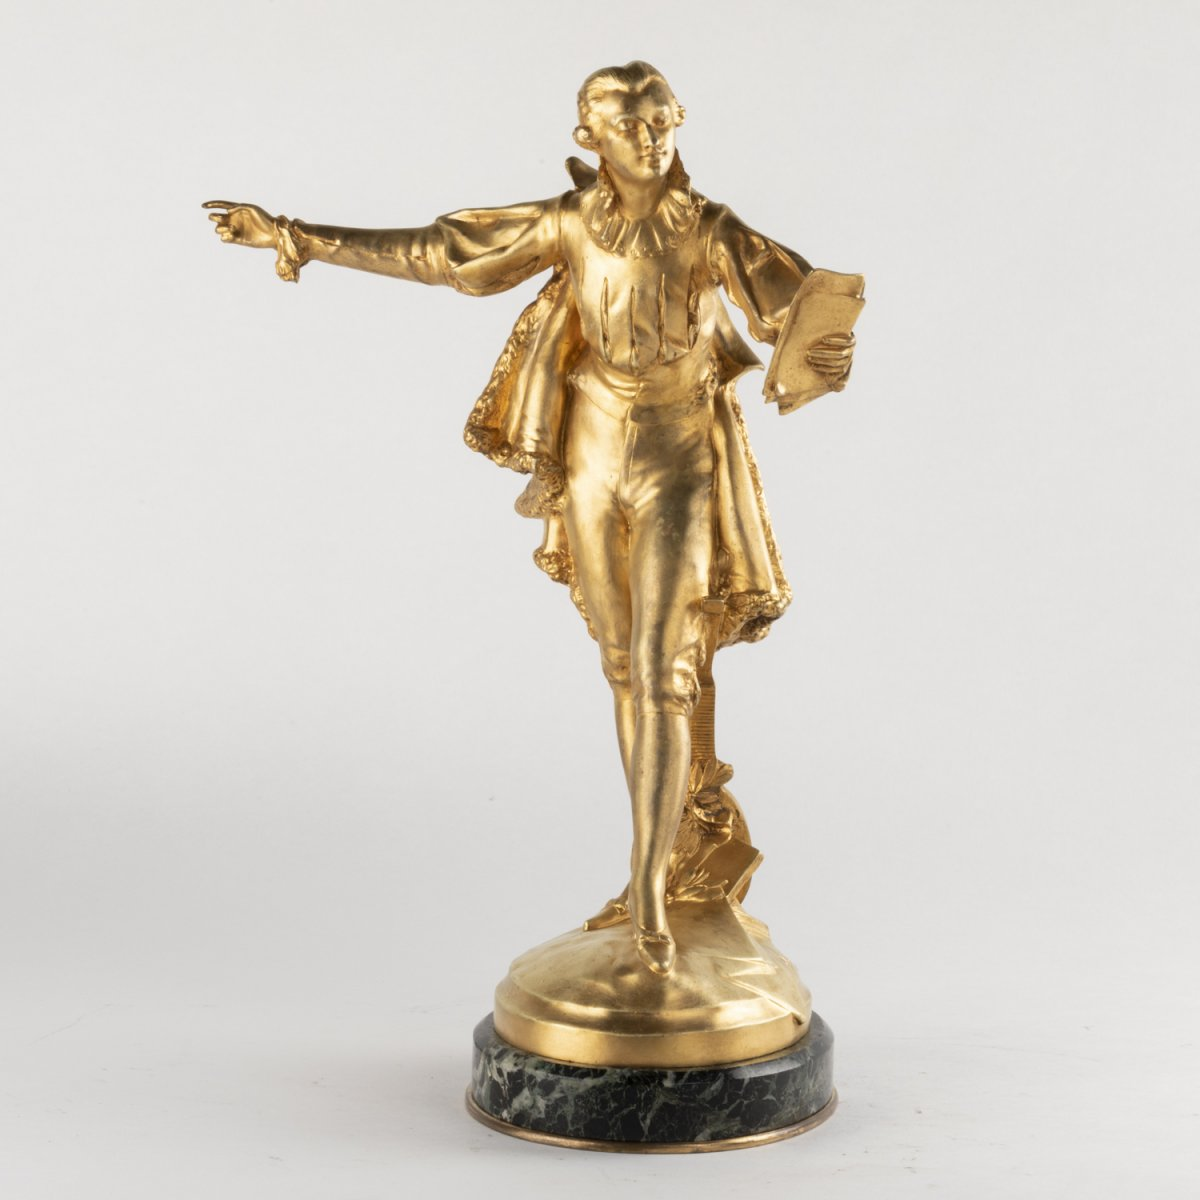 Paul Ducuing (1867-1949), Casanova, bronze doré sur son socle en marbre, XIXe